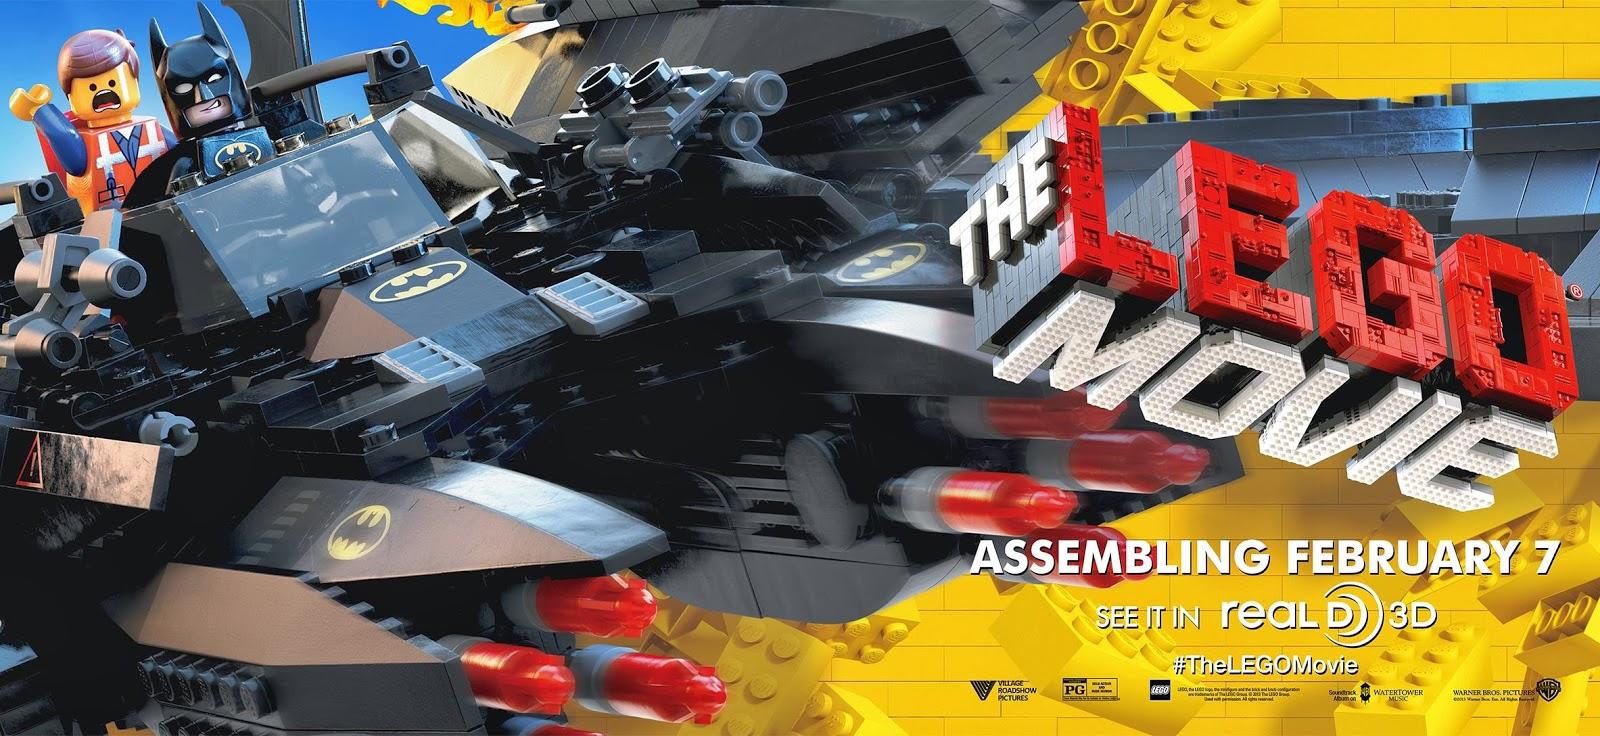 lego movie banner.jpg